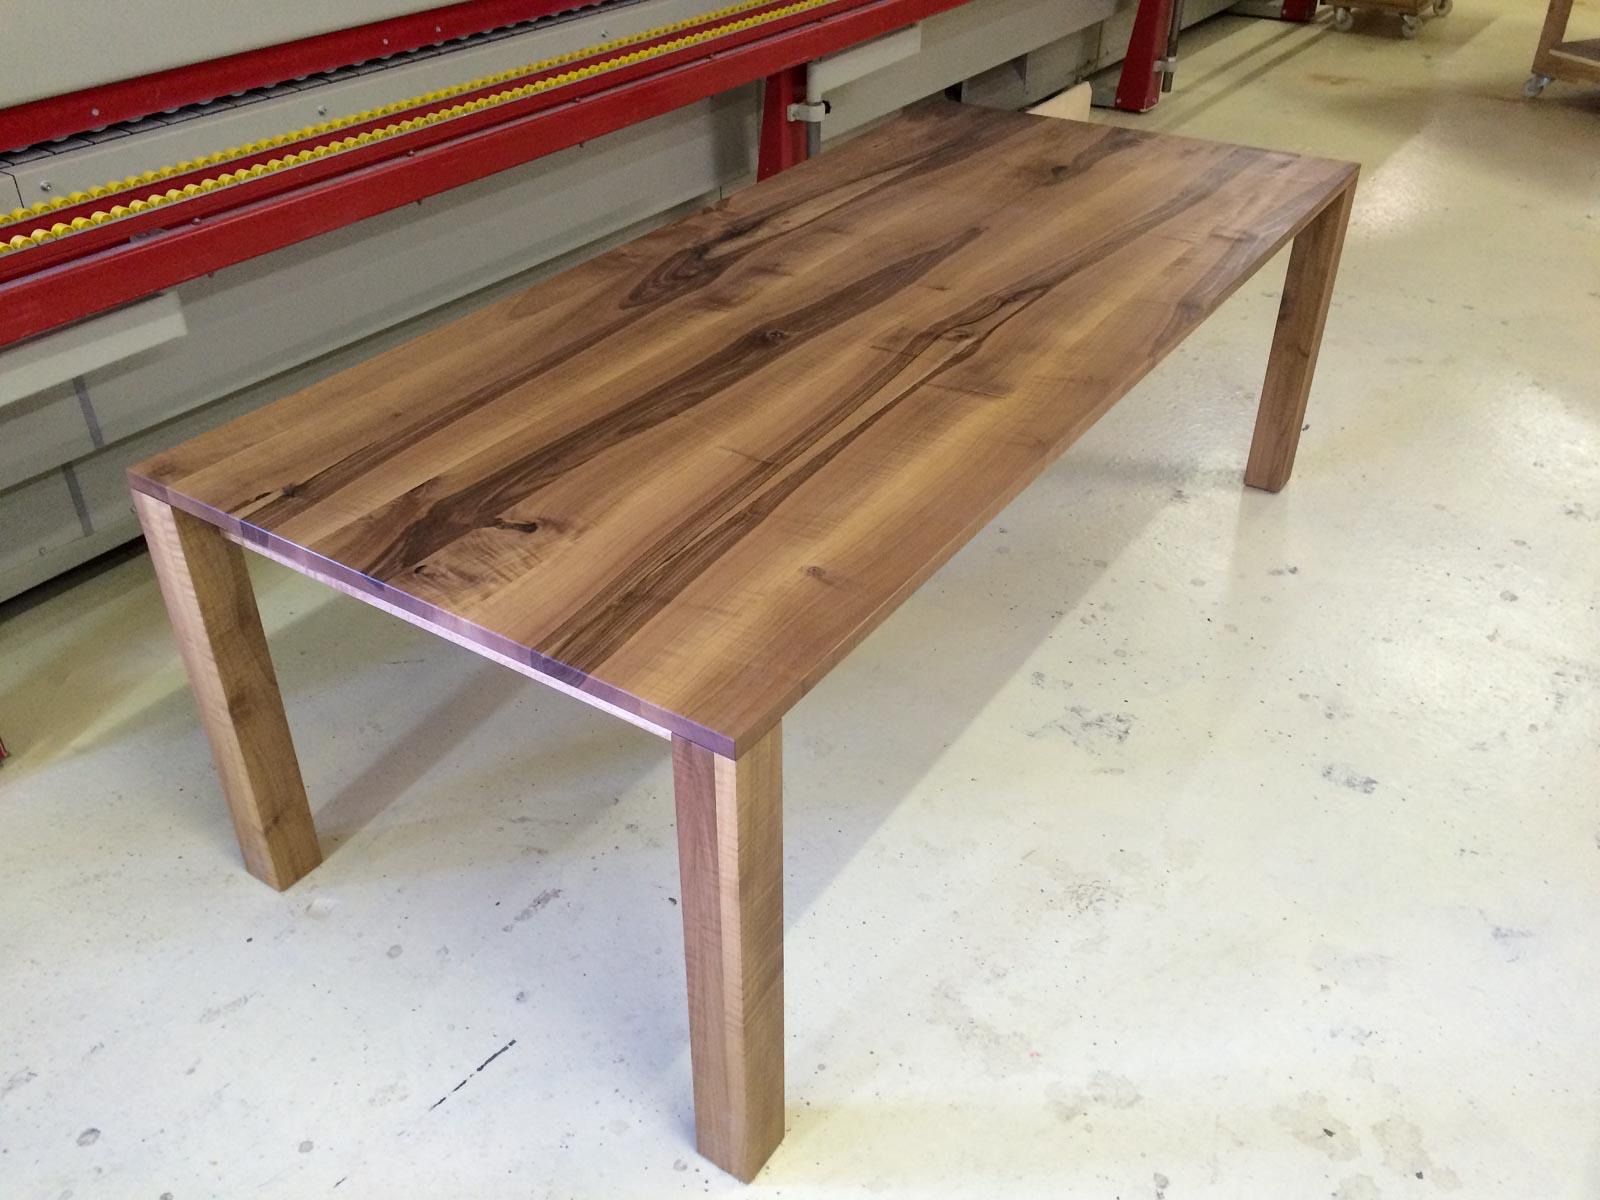 Wooddesign_Tisch ausziehbar_ Ausziehtisch_Tischverlängerung_Nussbaum massiv1 (2)